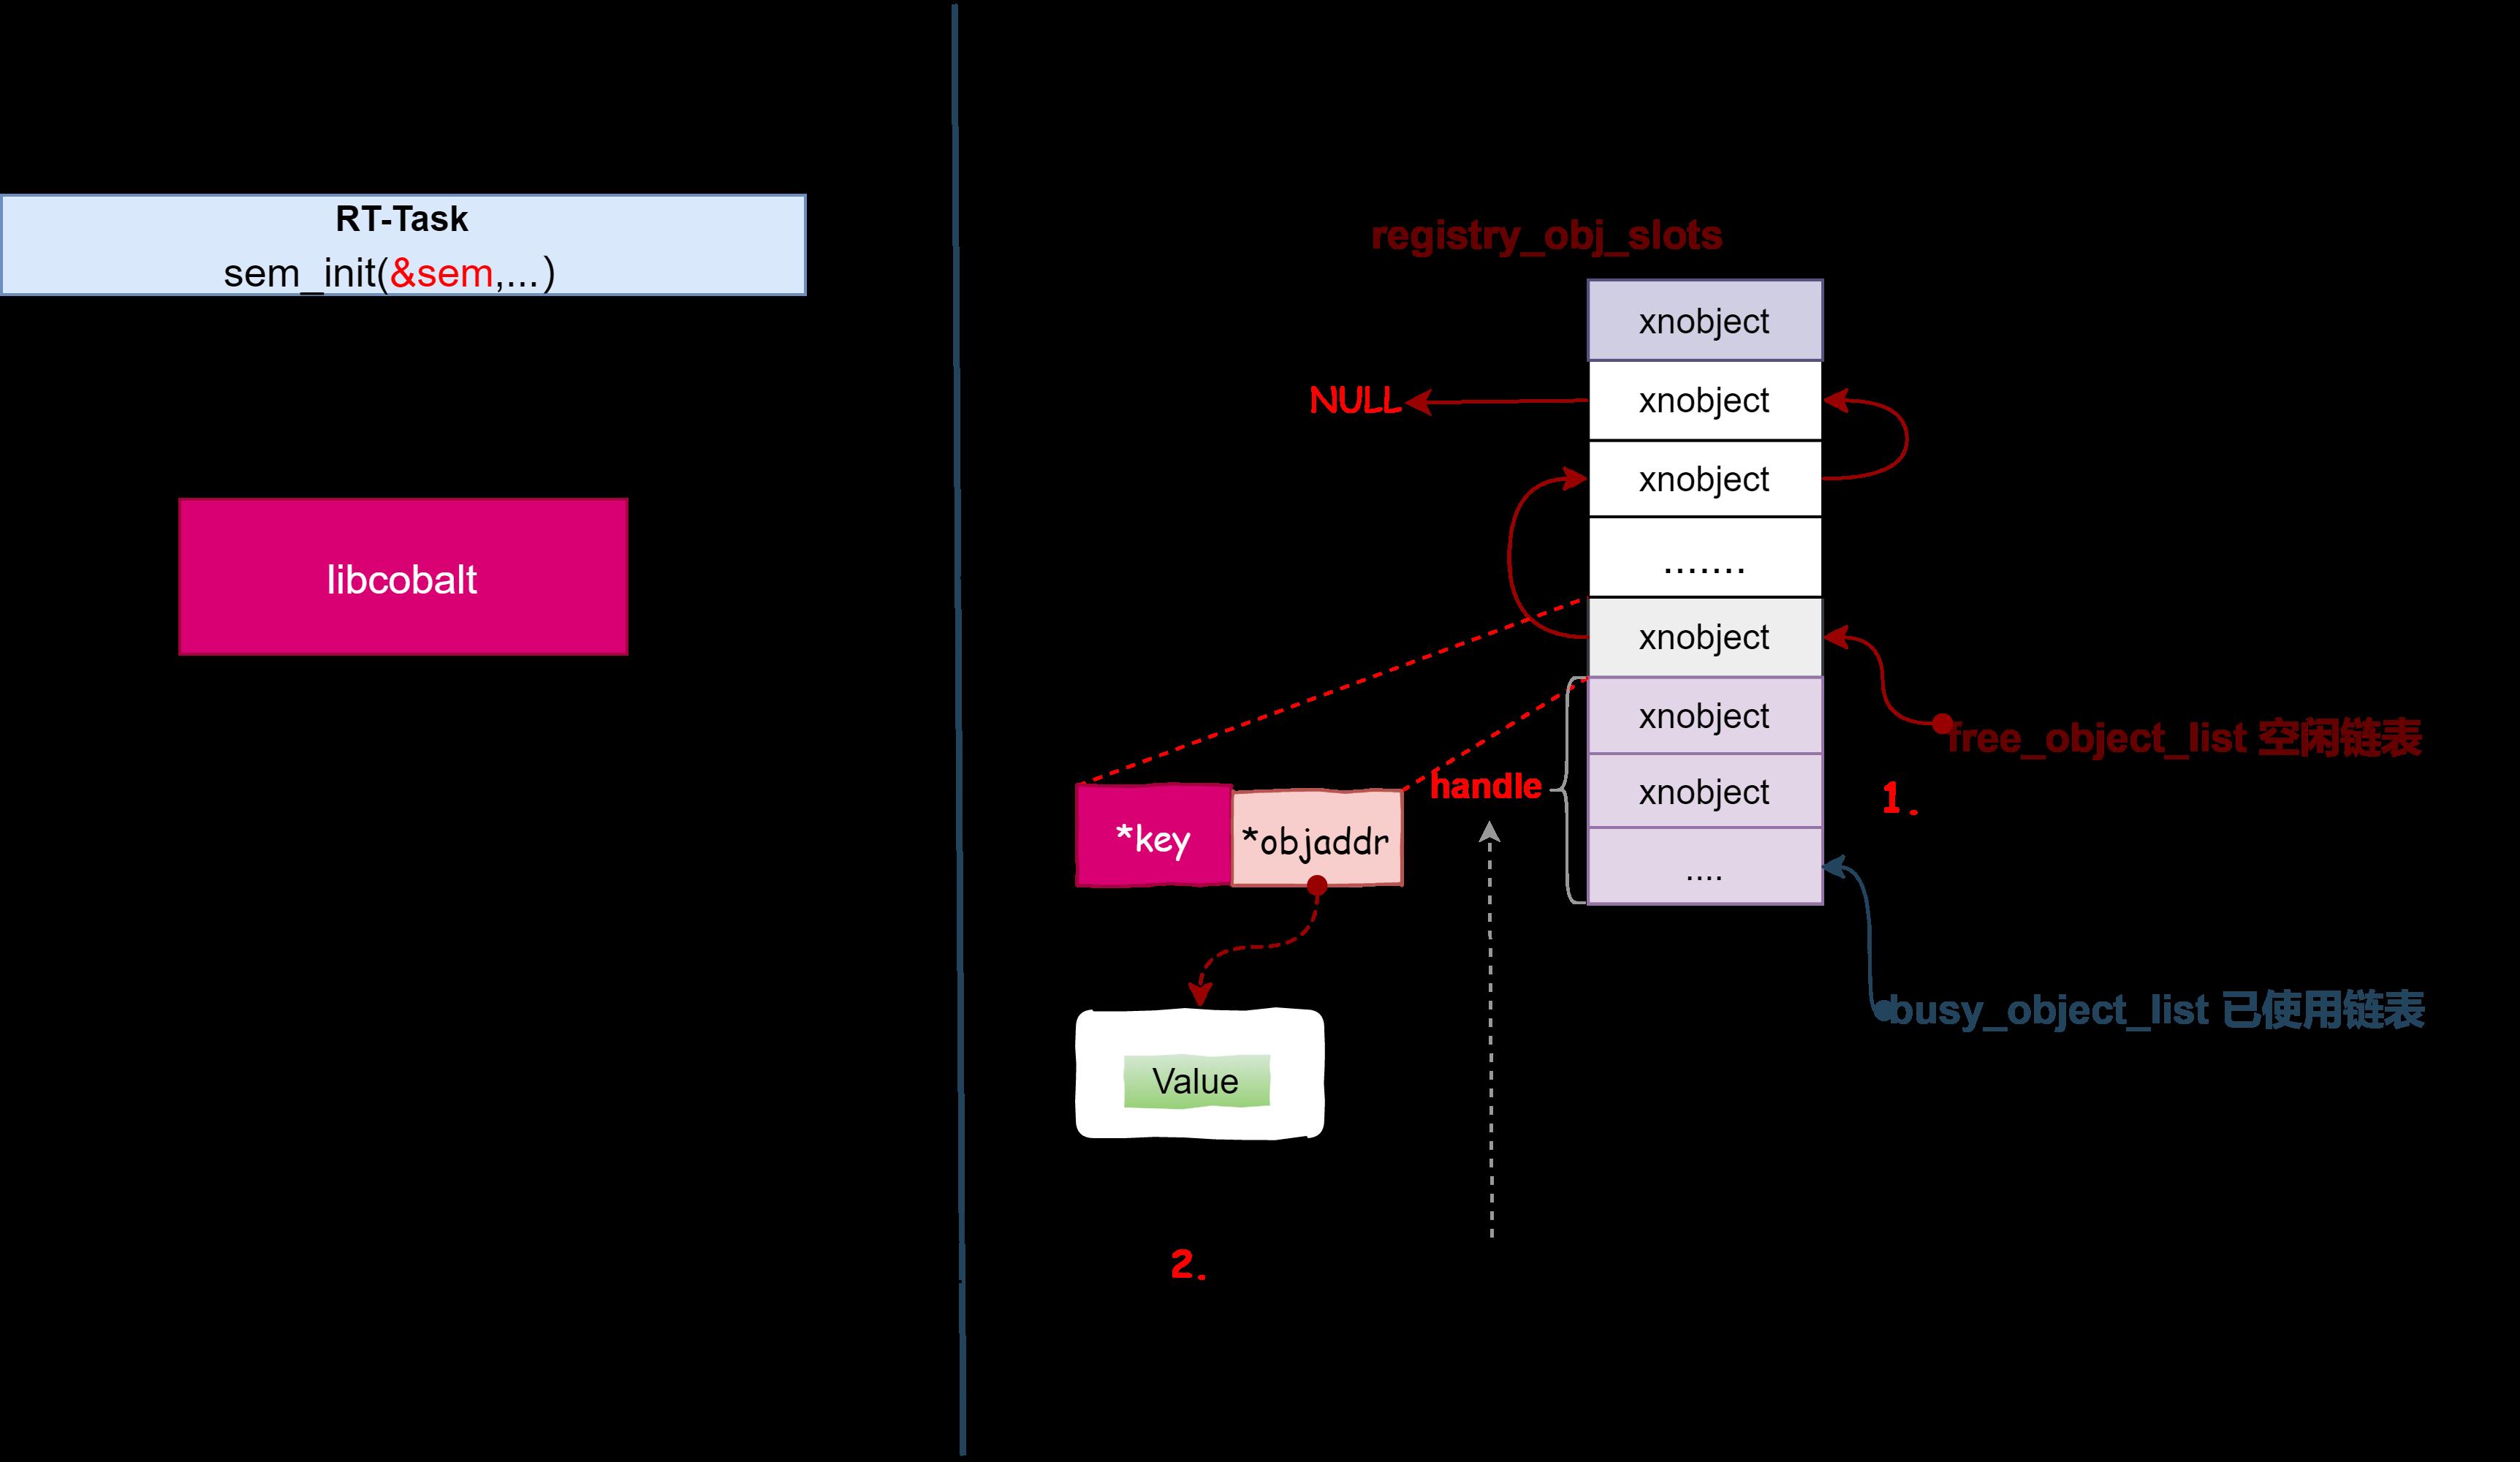 xnregister-seminit